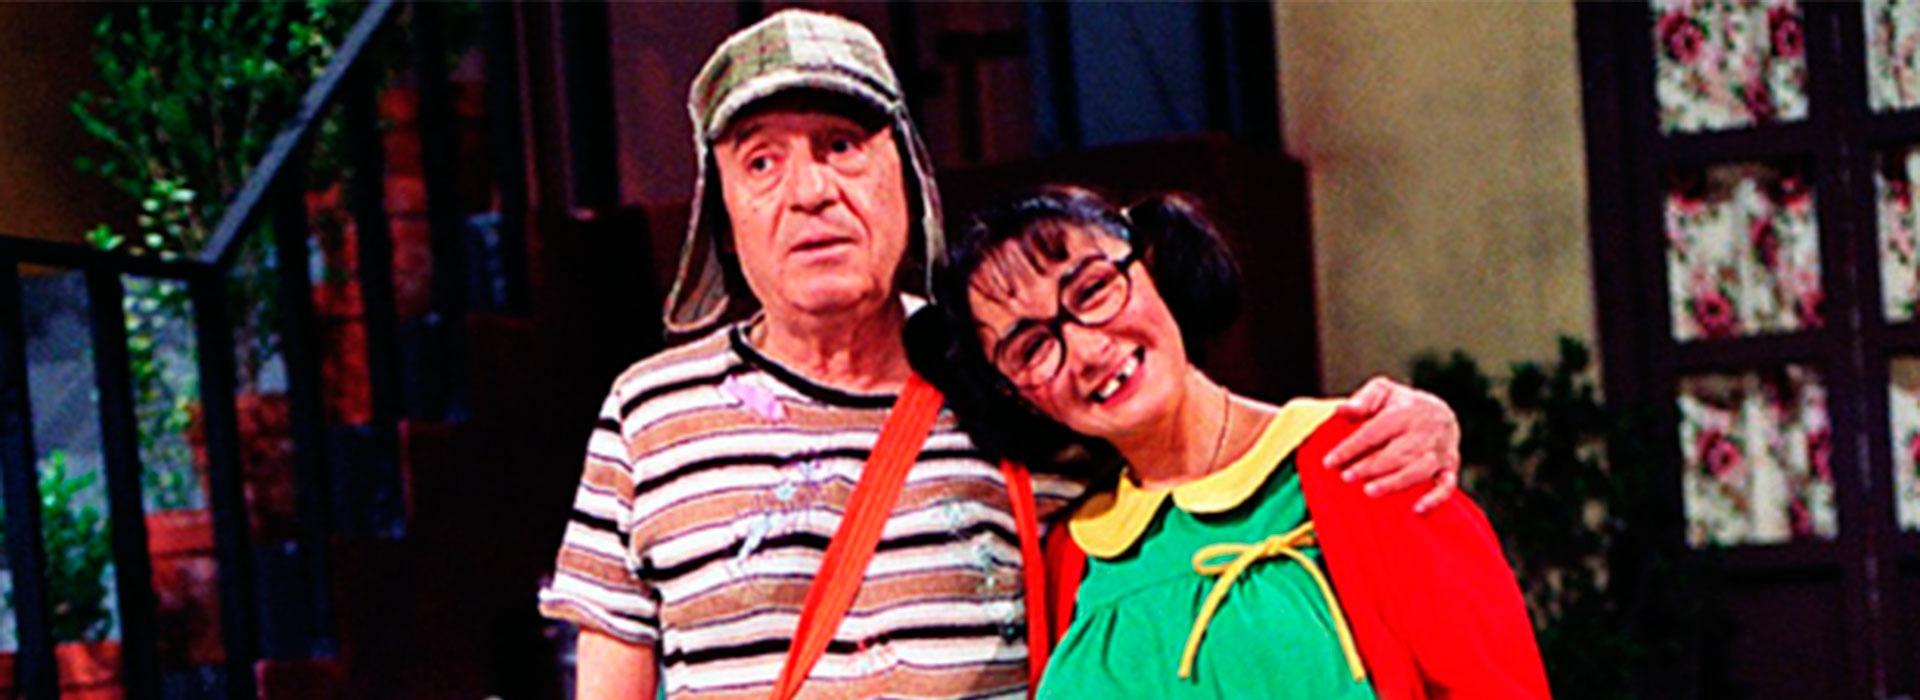 """La serie inmortalizó personajes como """"El Chavo"""", """"Quico"""", """"La Chilindrina"""", """"Don Ramón"""", """"Doña Florinda"""", """"La Bruja del 71"""" o """"Jaimito, el cartero"""""""